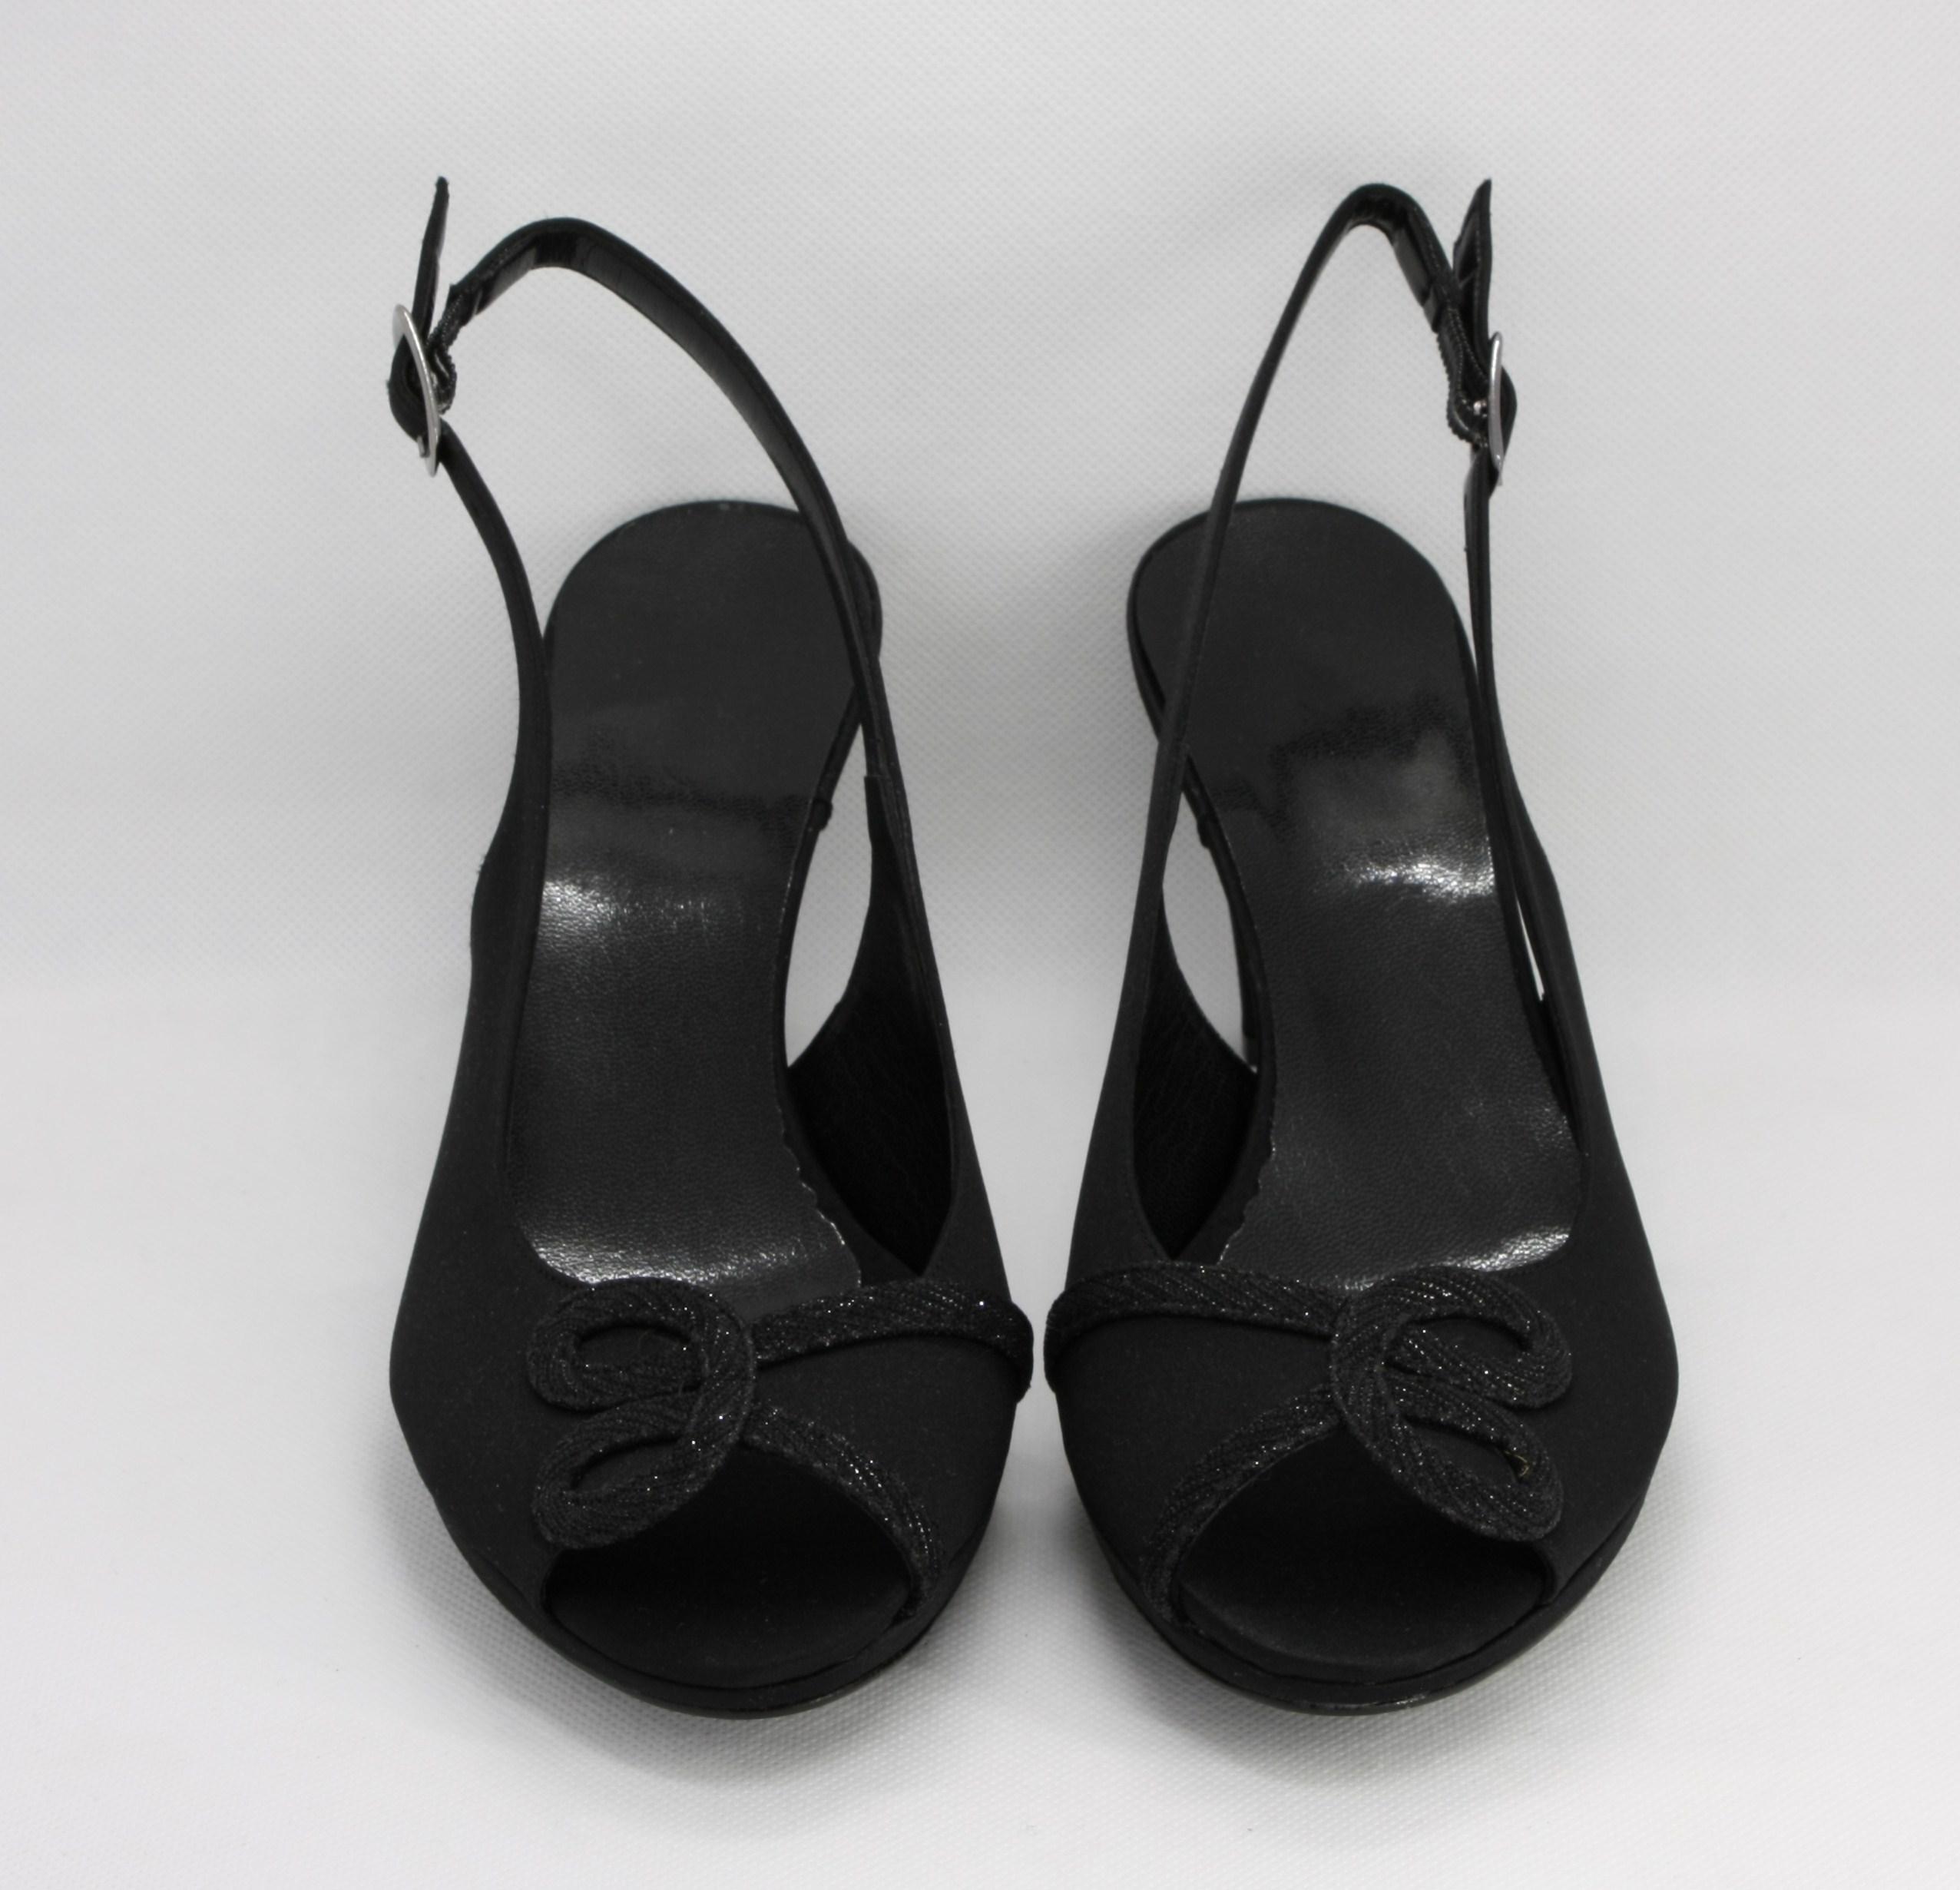 Sandalo donna elegante da cerimonia in tessuto di raso con inserti in tessuto glitter brillante e cinghietta regolabile Art. A124